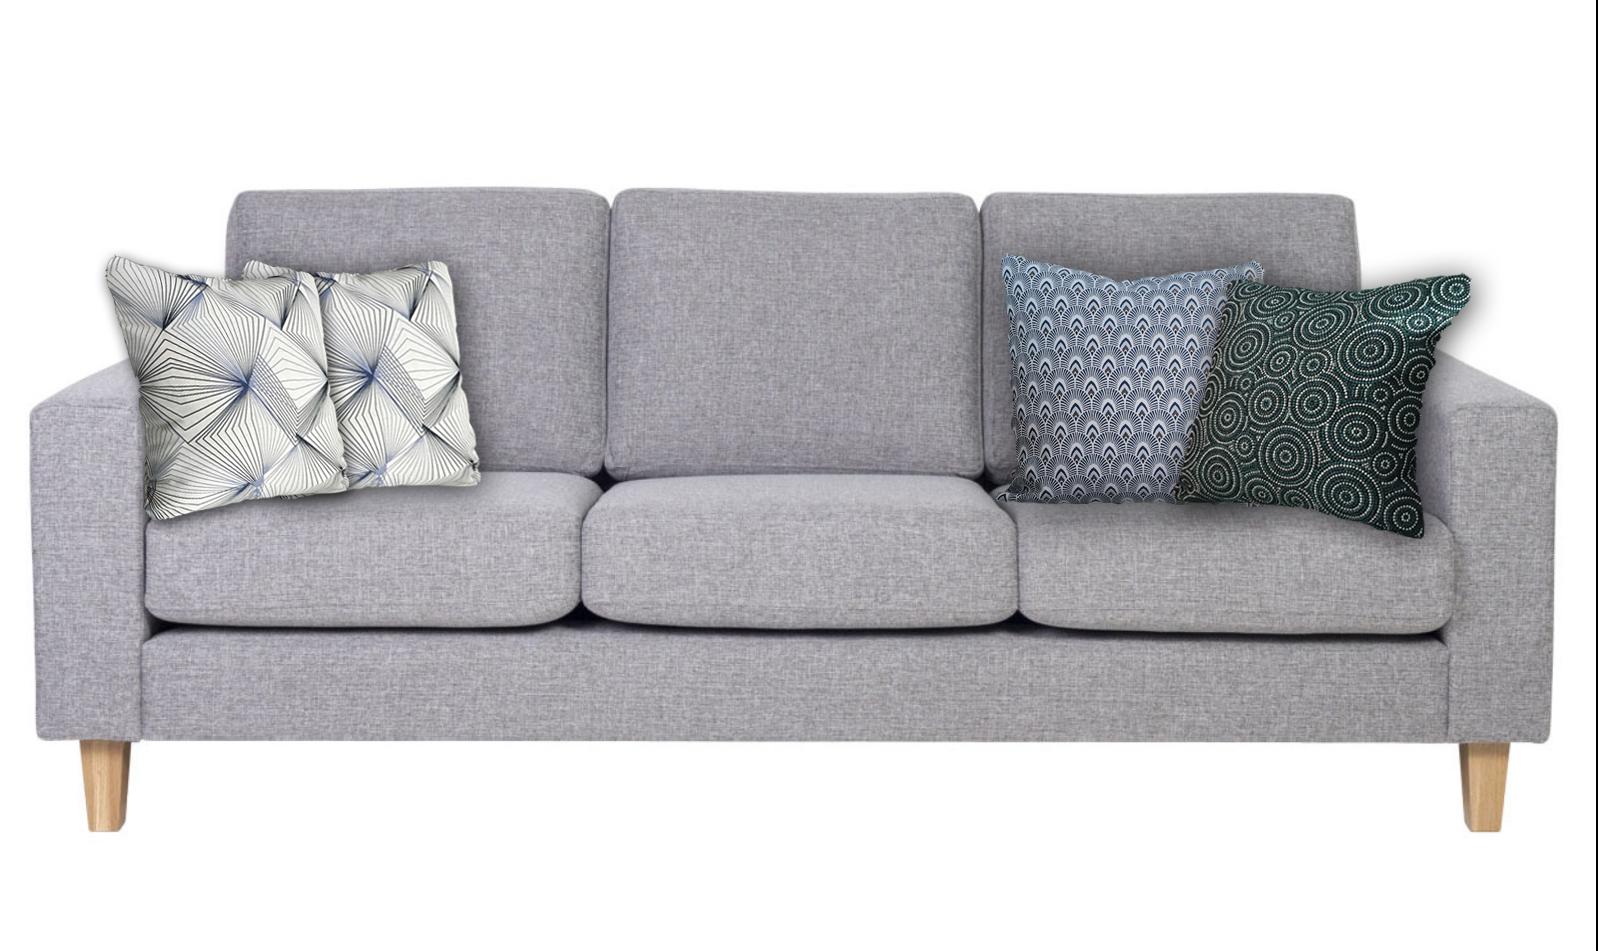 coussin tendance pour un hiver chaleureux. Black Bedroom Furniture Sets. Home Design Ideas